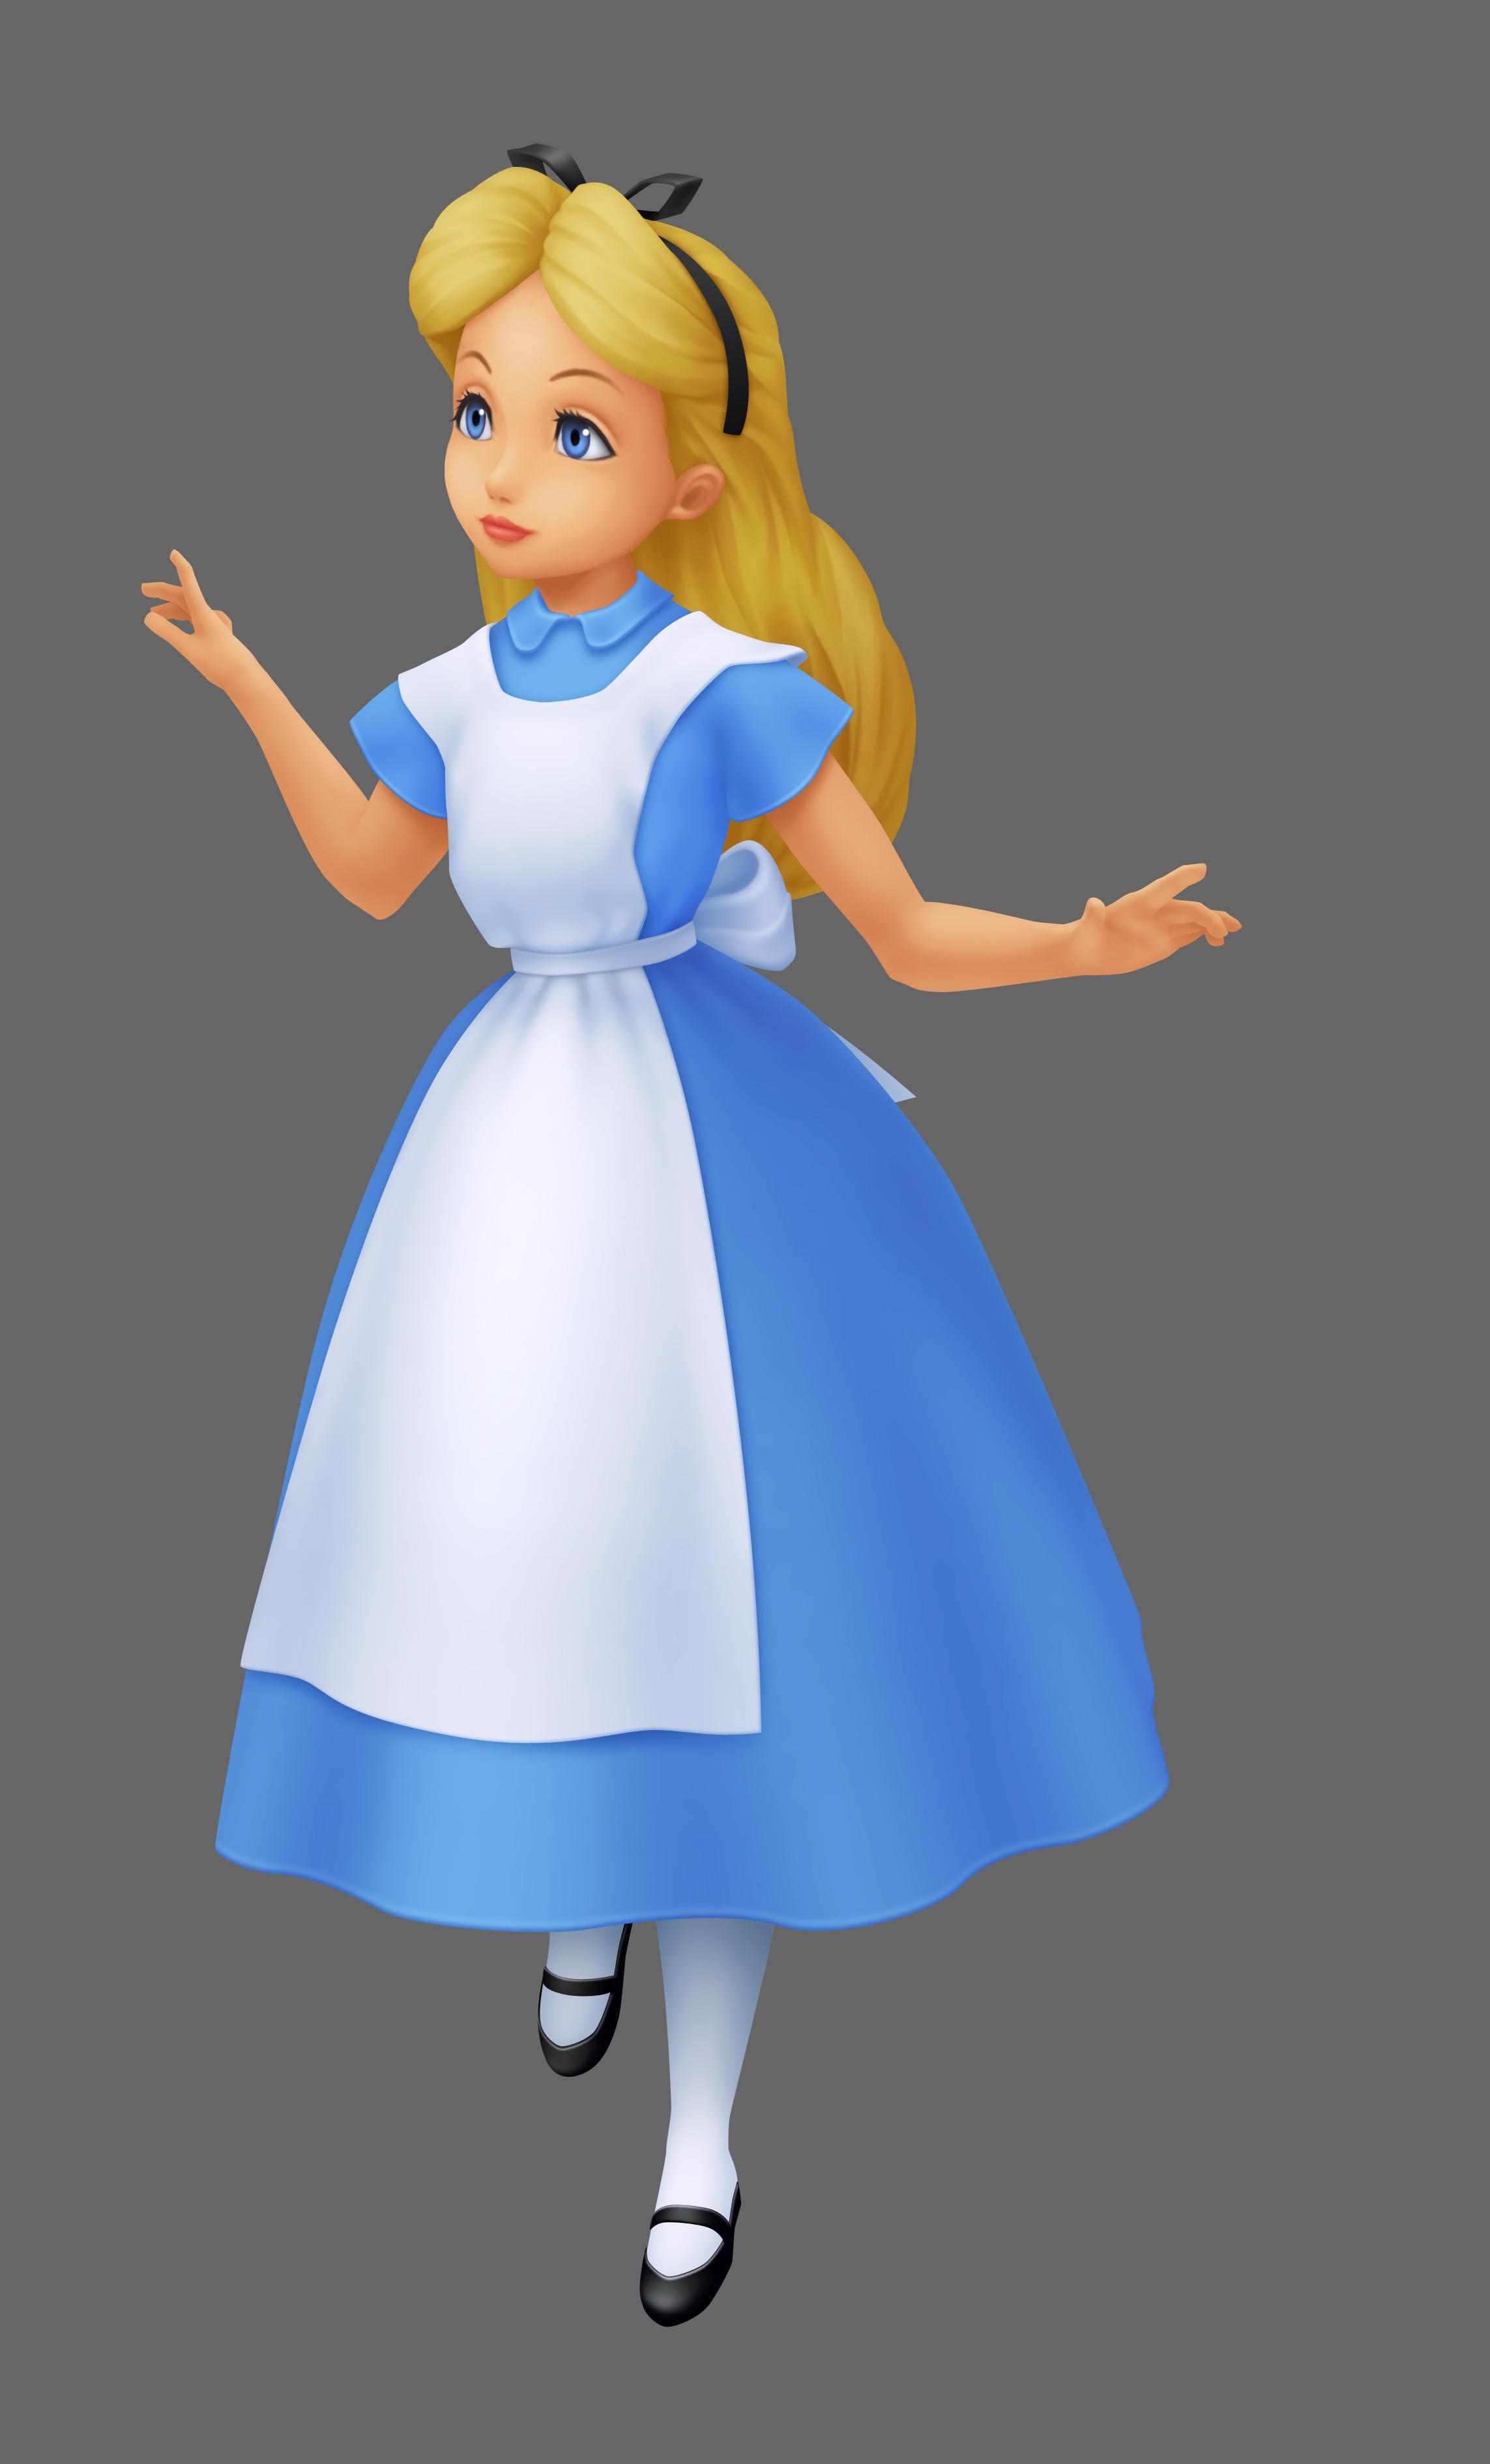 http://static.zerochan.net/Alice.(Alice.In.Wonderland).full.377521.jpg